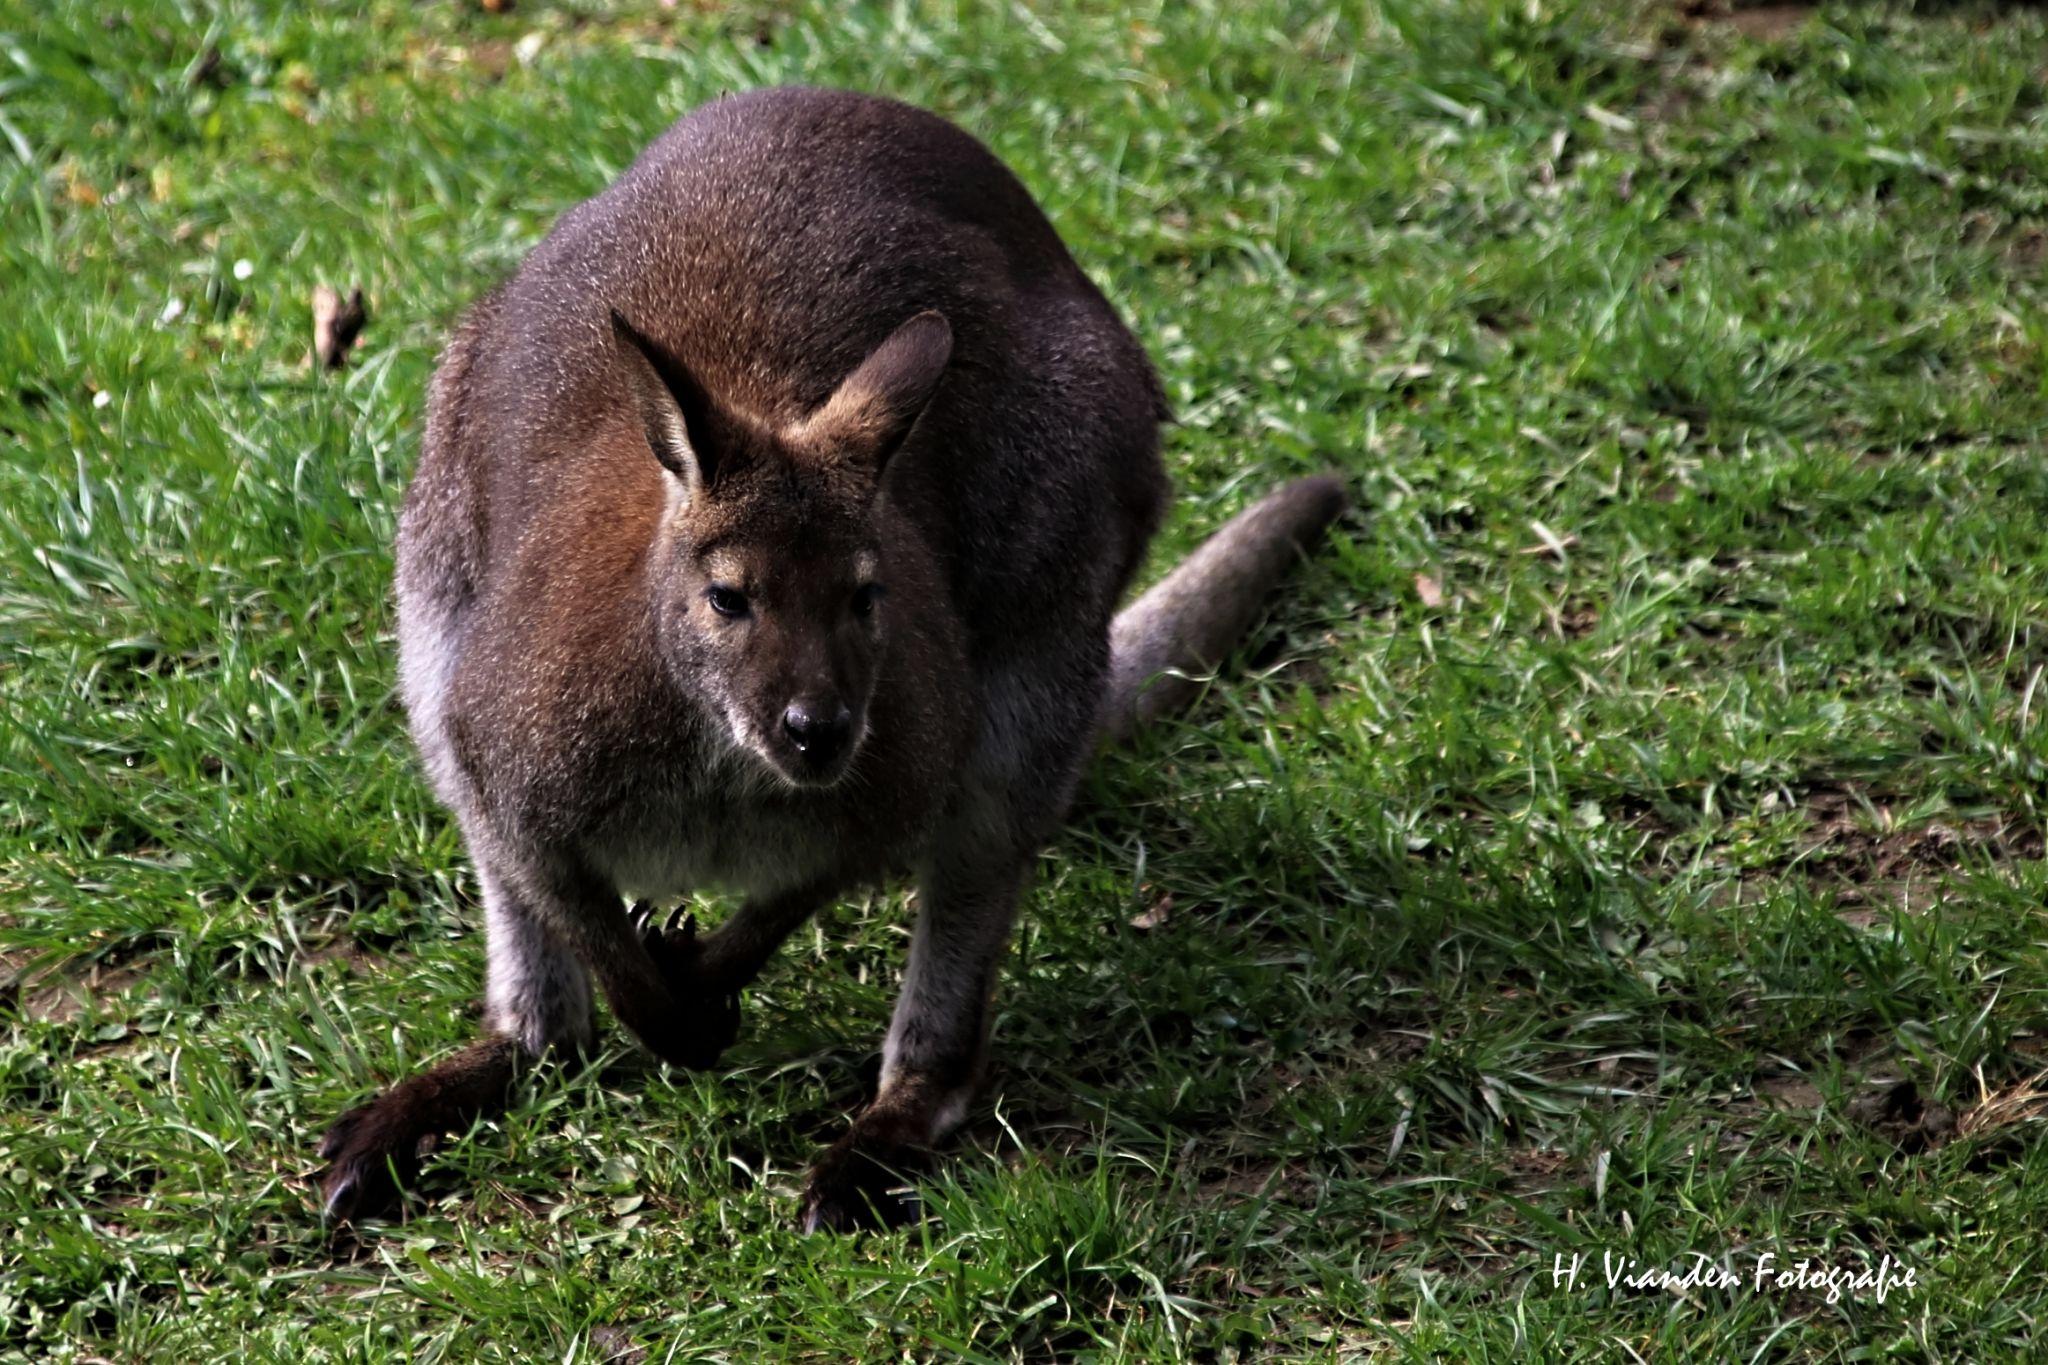 Aachener Tierpark - Kangaroo enclosure, Germany